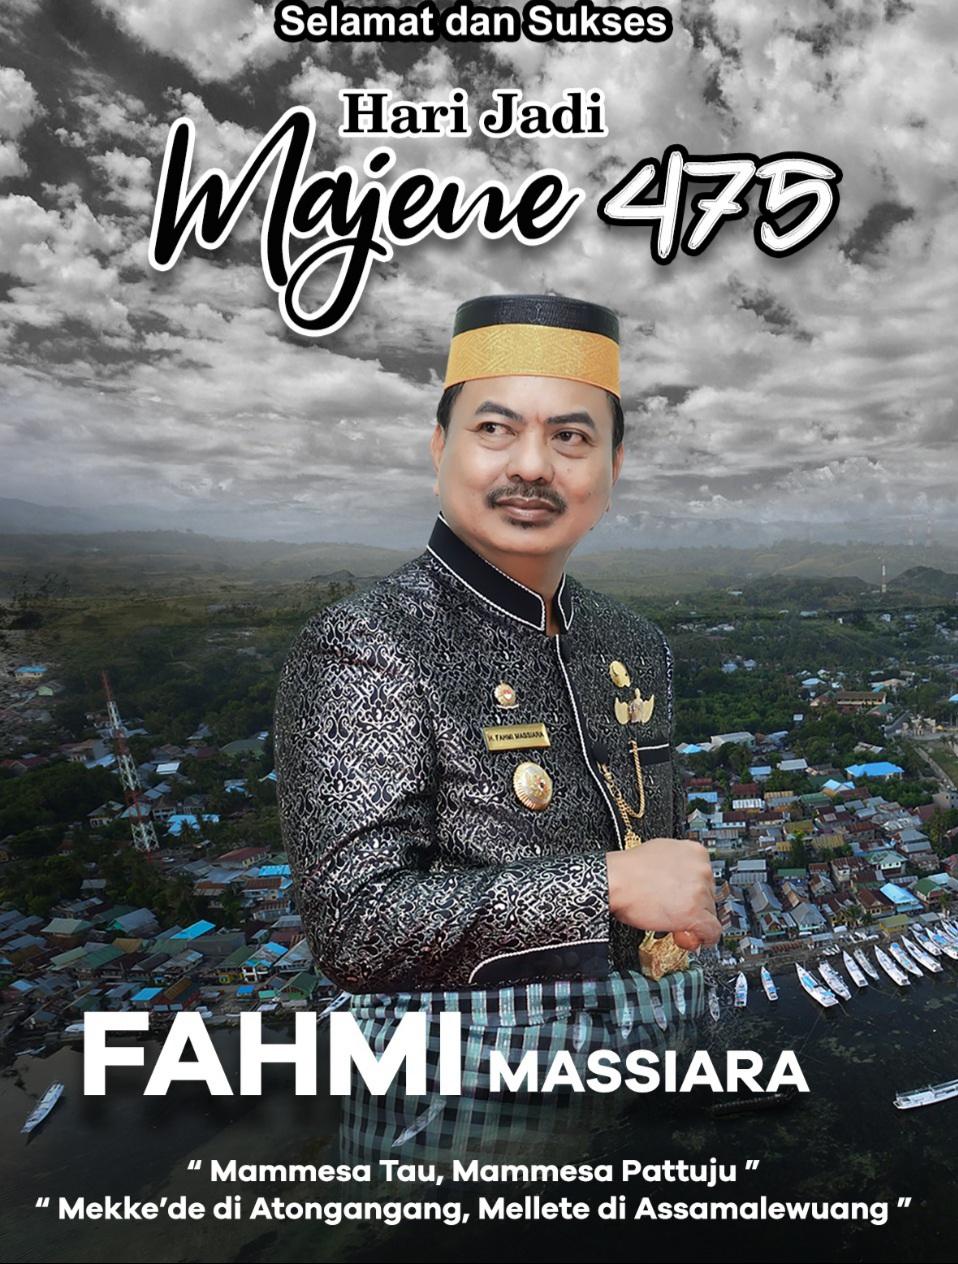 img Fahmi Massiara : Selamat Hari Jadi Majene ke 475 Tahun